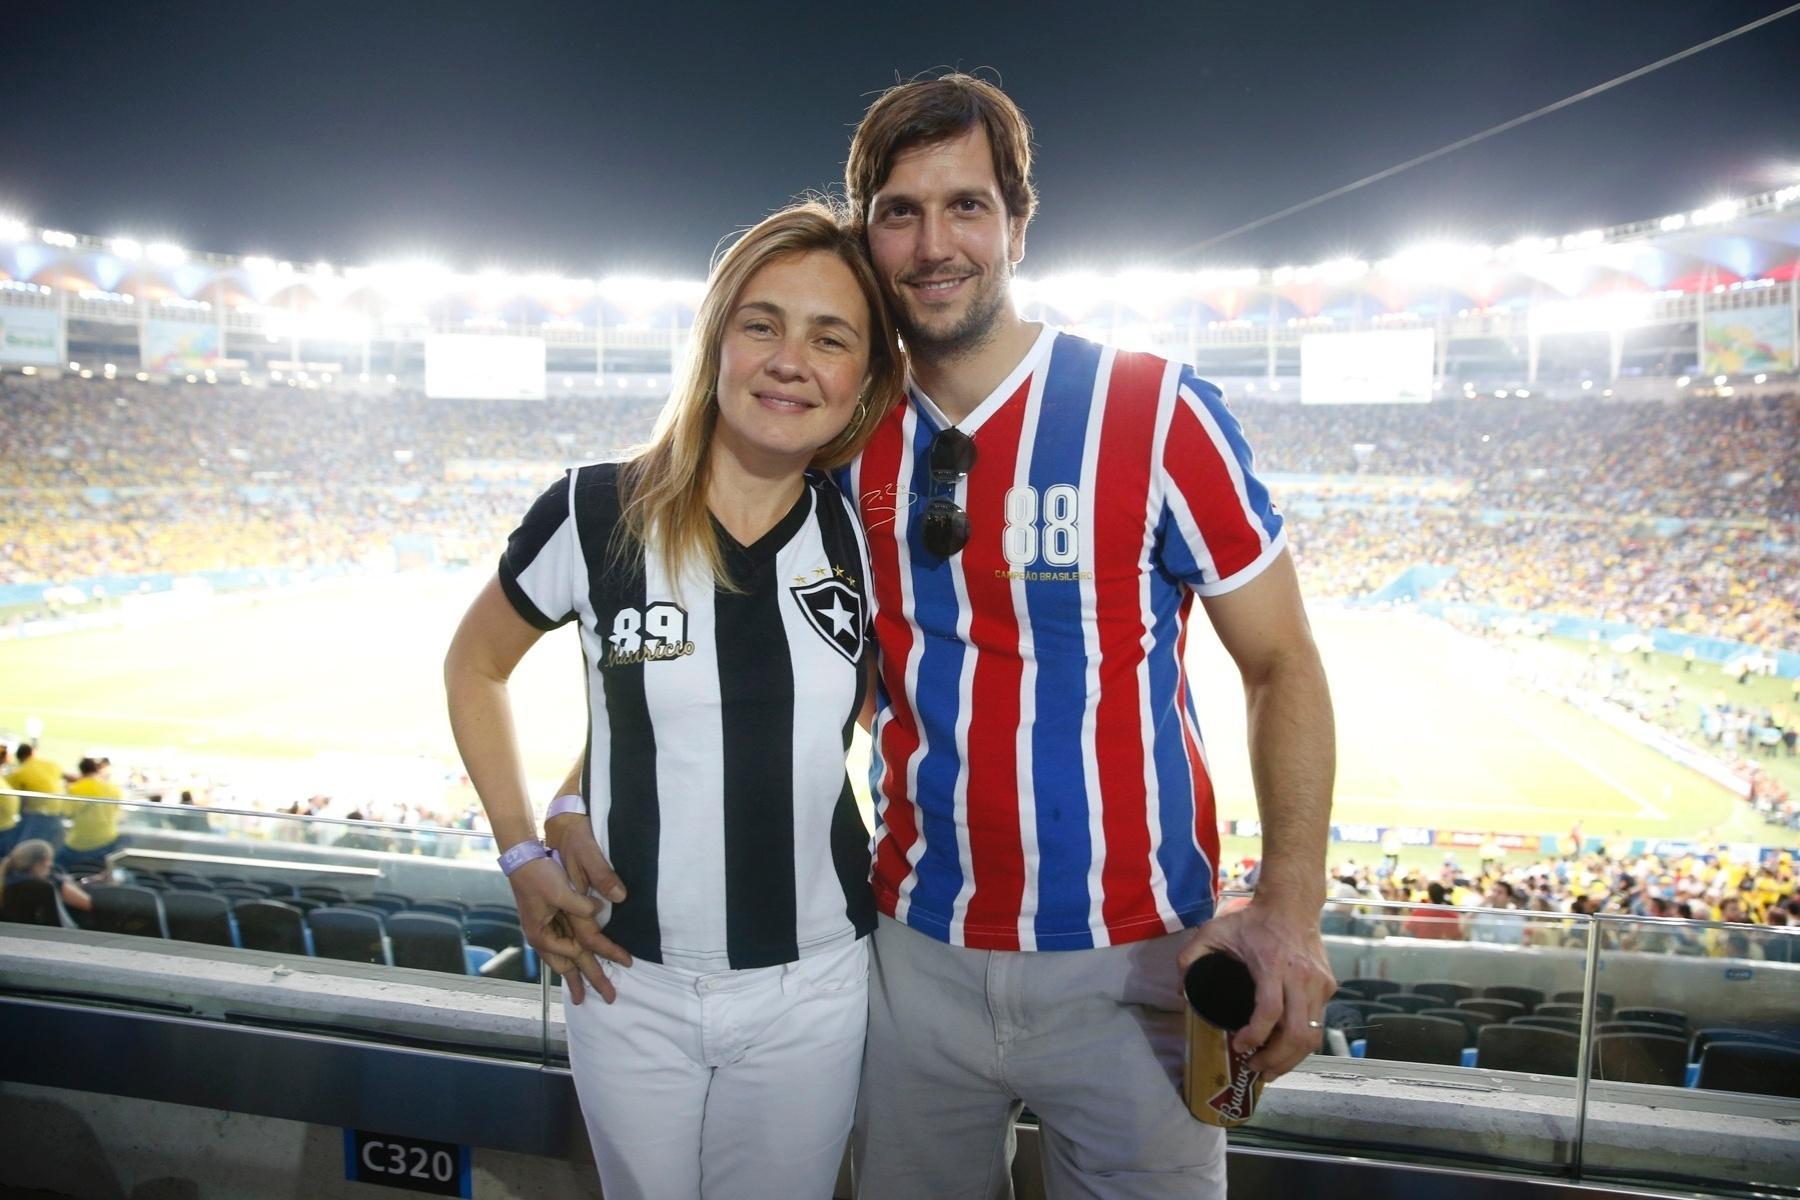 25.jun.2014 - Vestindo a camisa do Botafogo, Adriana Esteves posa ao lado do marido Vladimir Brichta, com a camisa do Bahia, no Maracanã. O casal acompanhou o jogo entre Equador e França pela Copa do Mundo no estádio